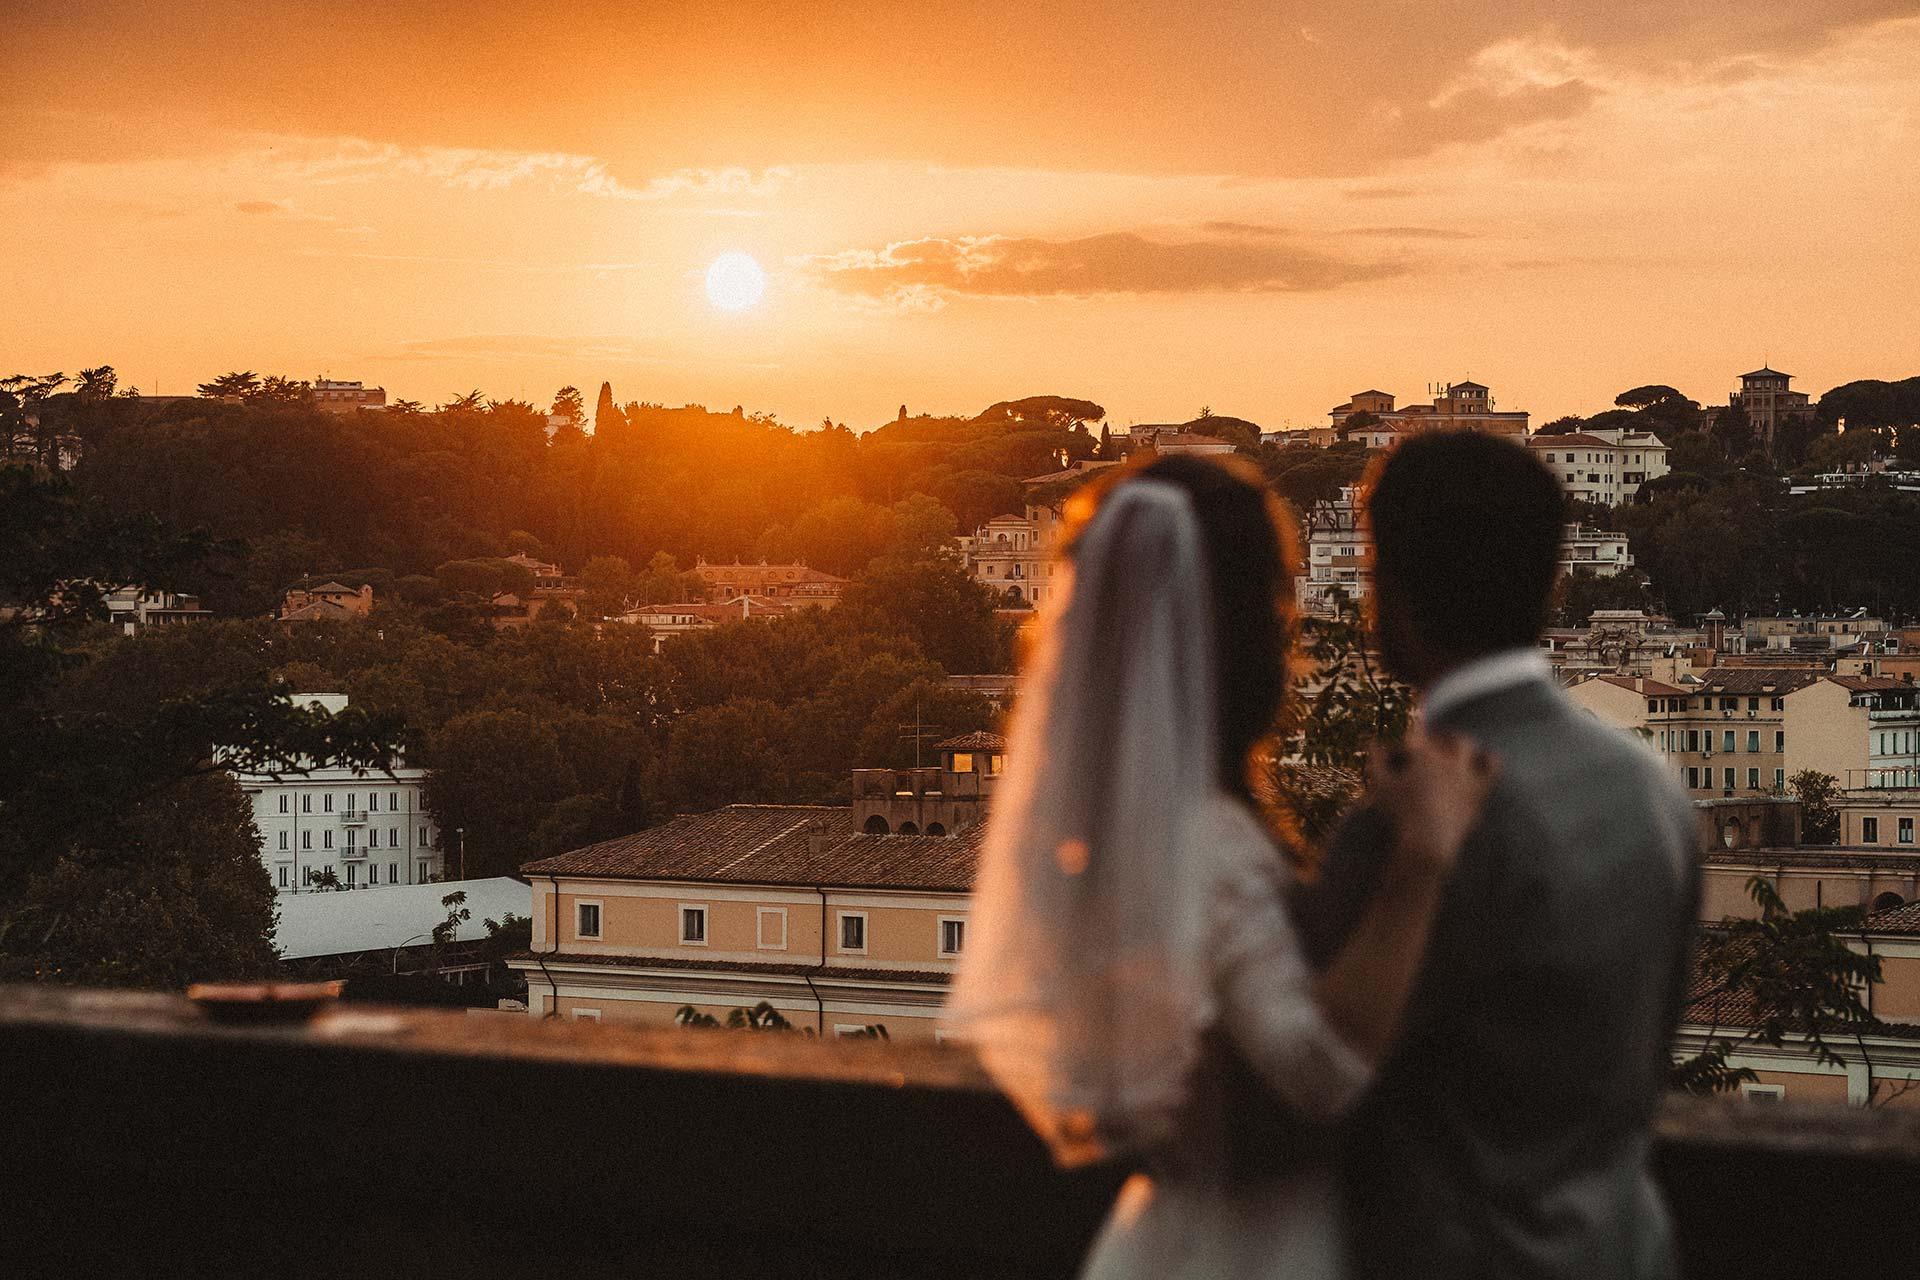 matrimonio all'istituto studi romani